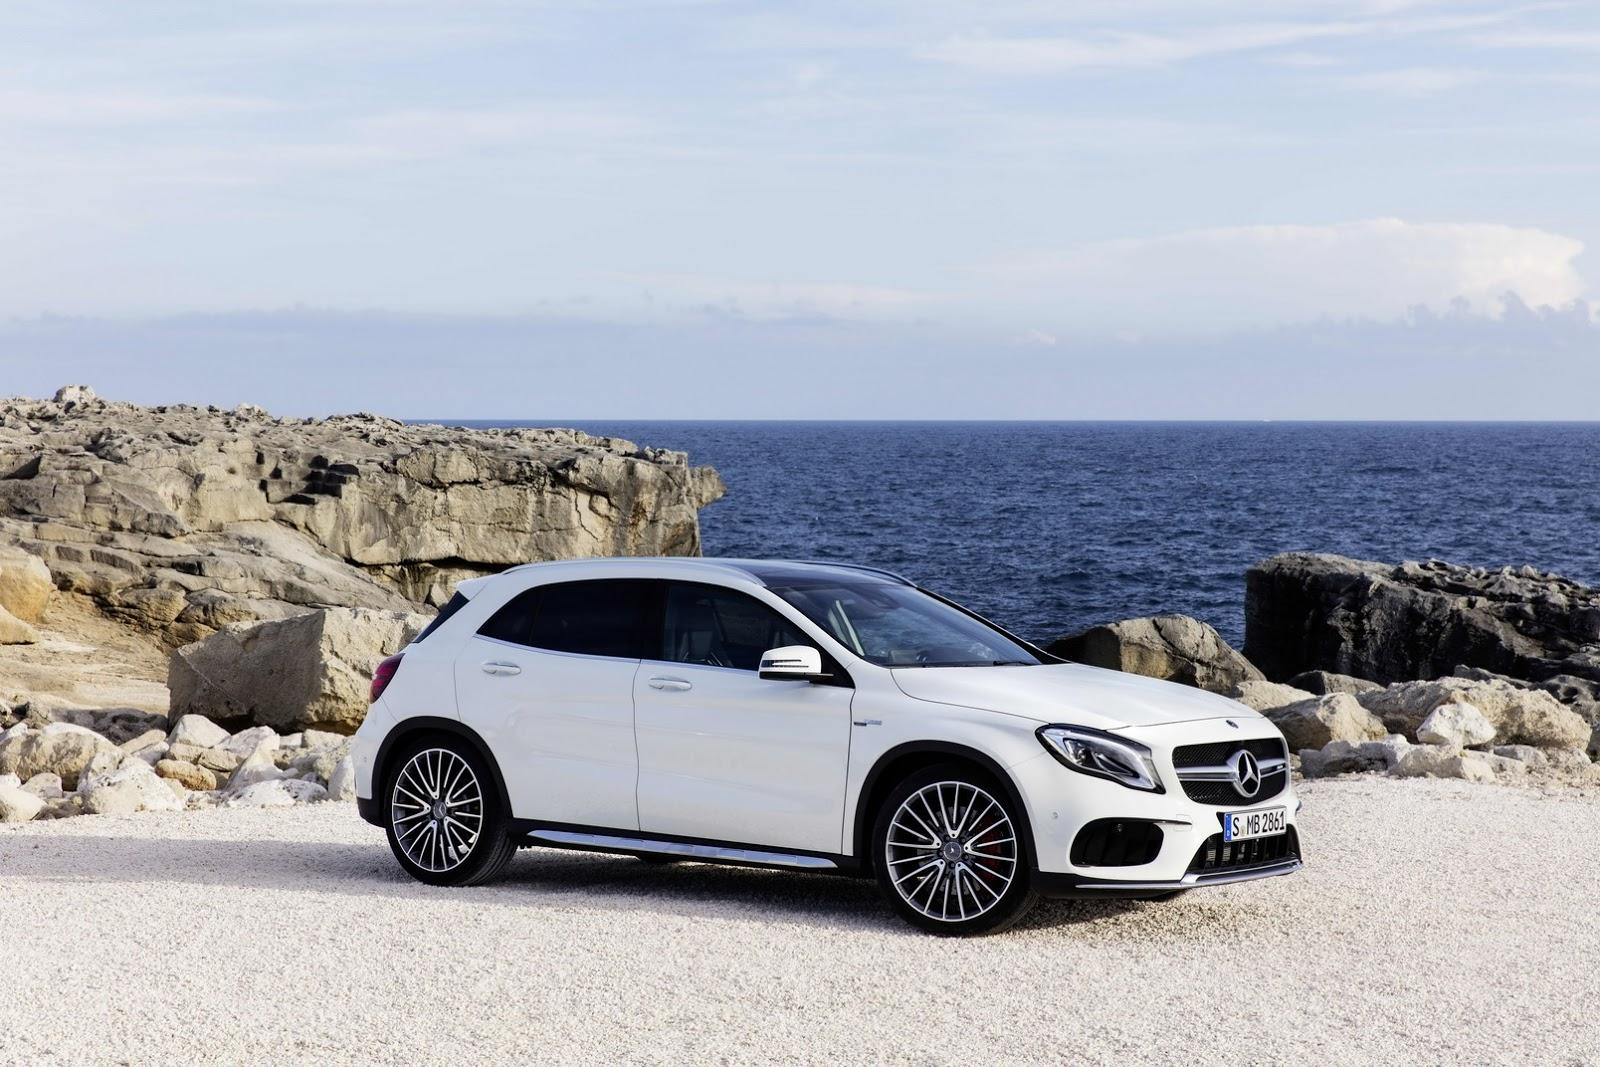 Mercedes GLA facelift and GLA 45 AMG facelift 2017 (16)